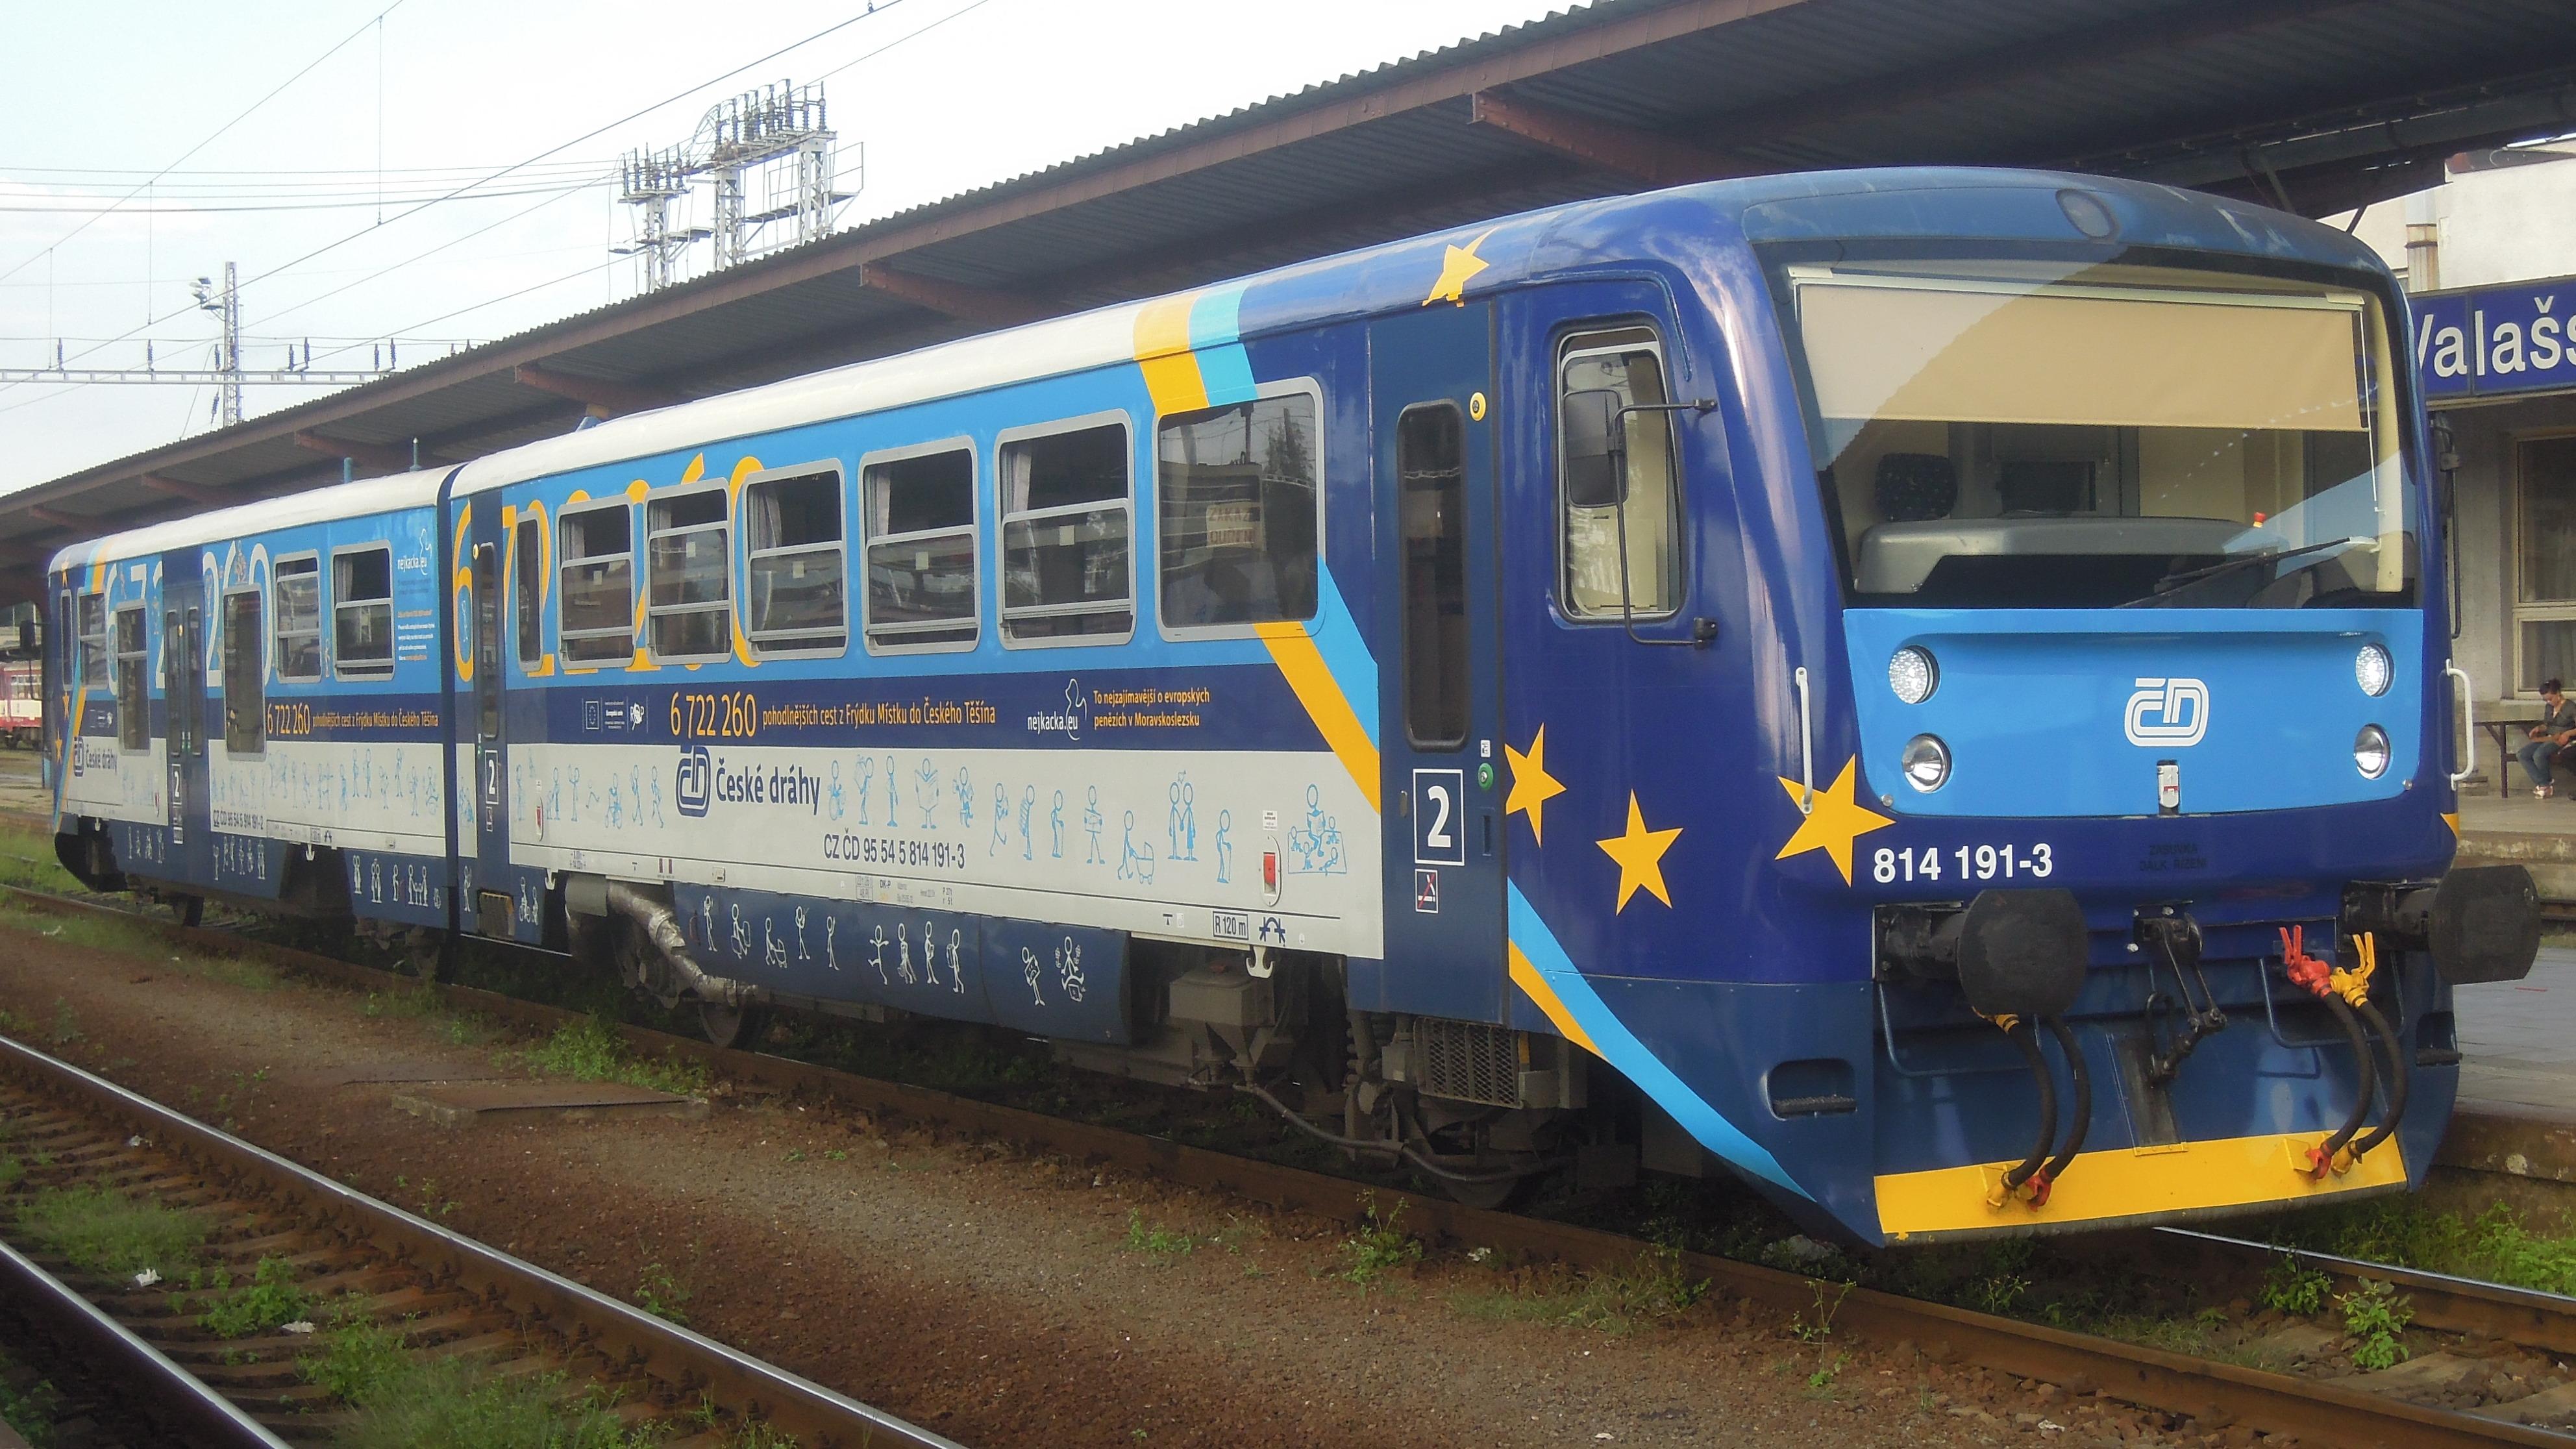 File:Valašské Meziříčí, modrá jednotka 814 (01).jpg